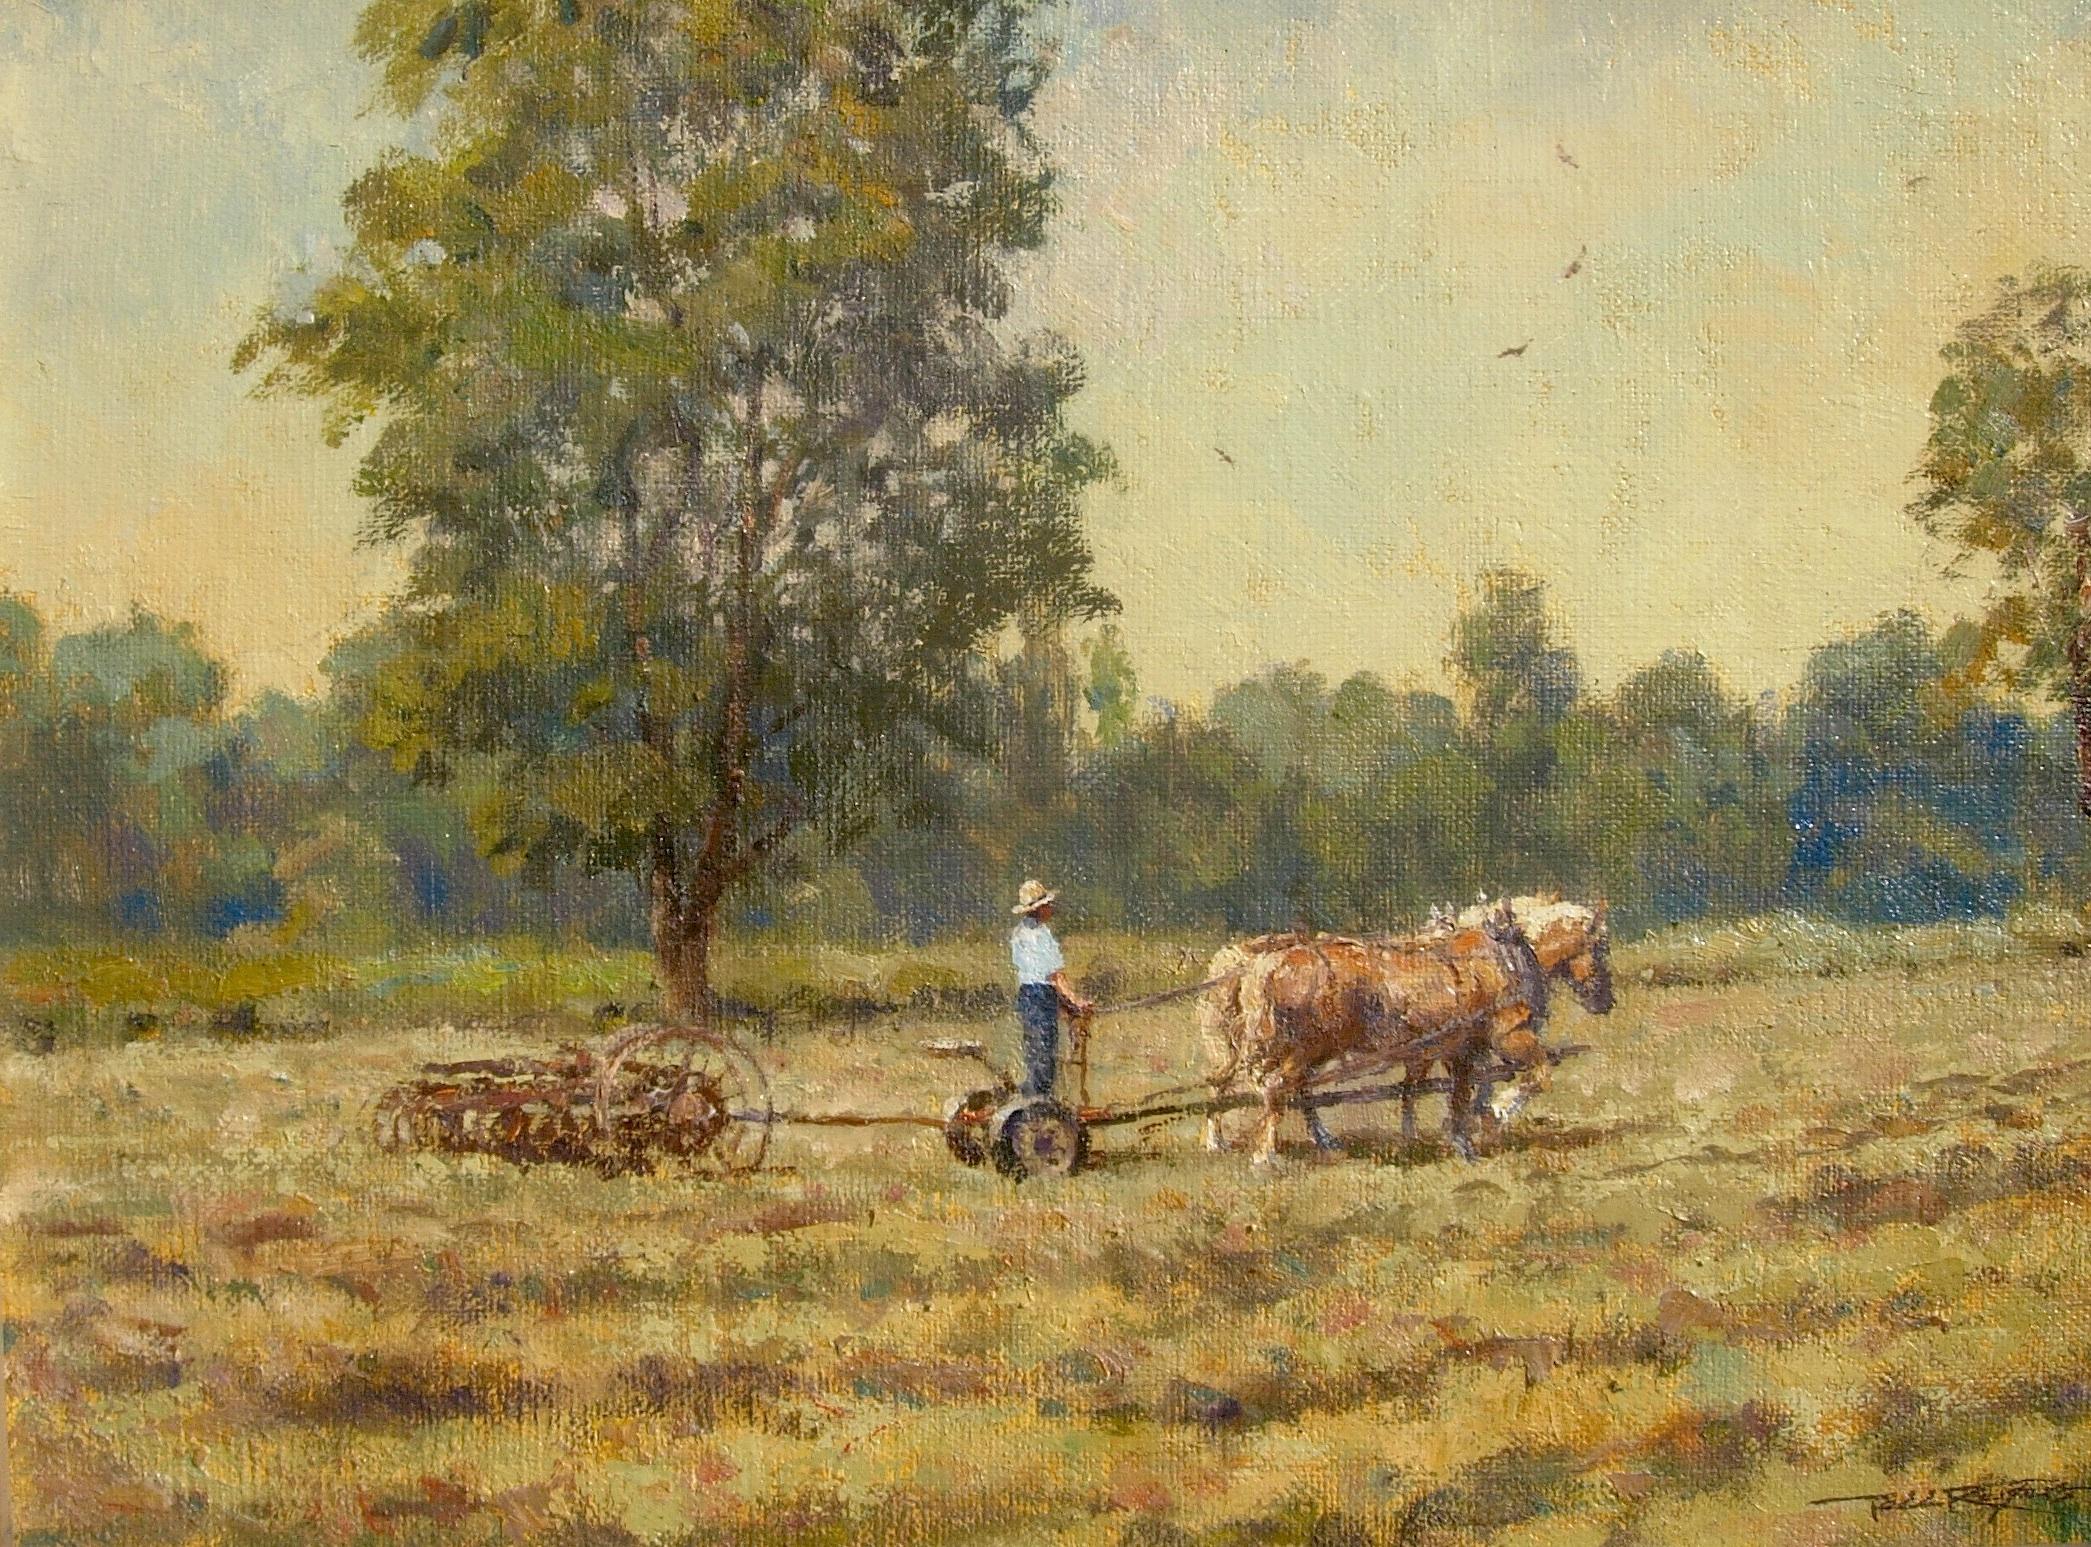 reifers-rakingnew-1824-cropped